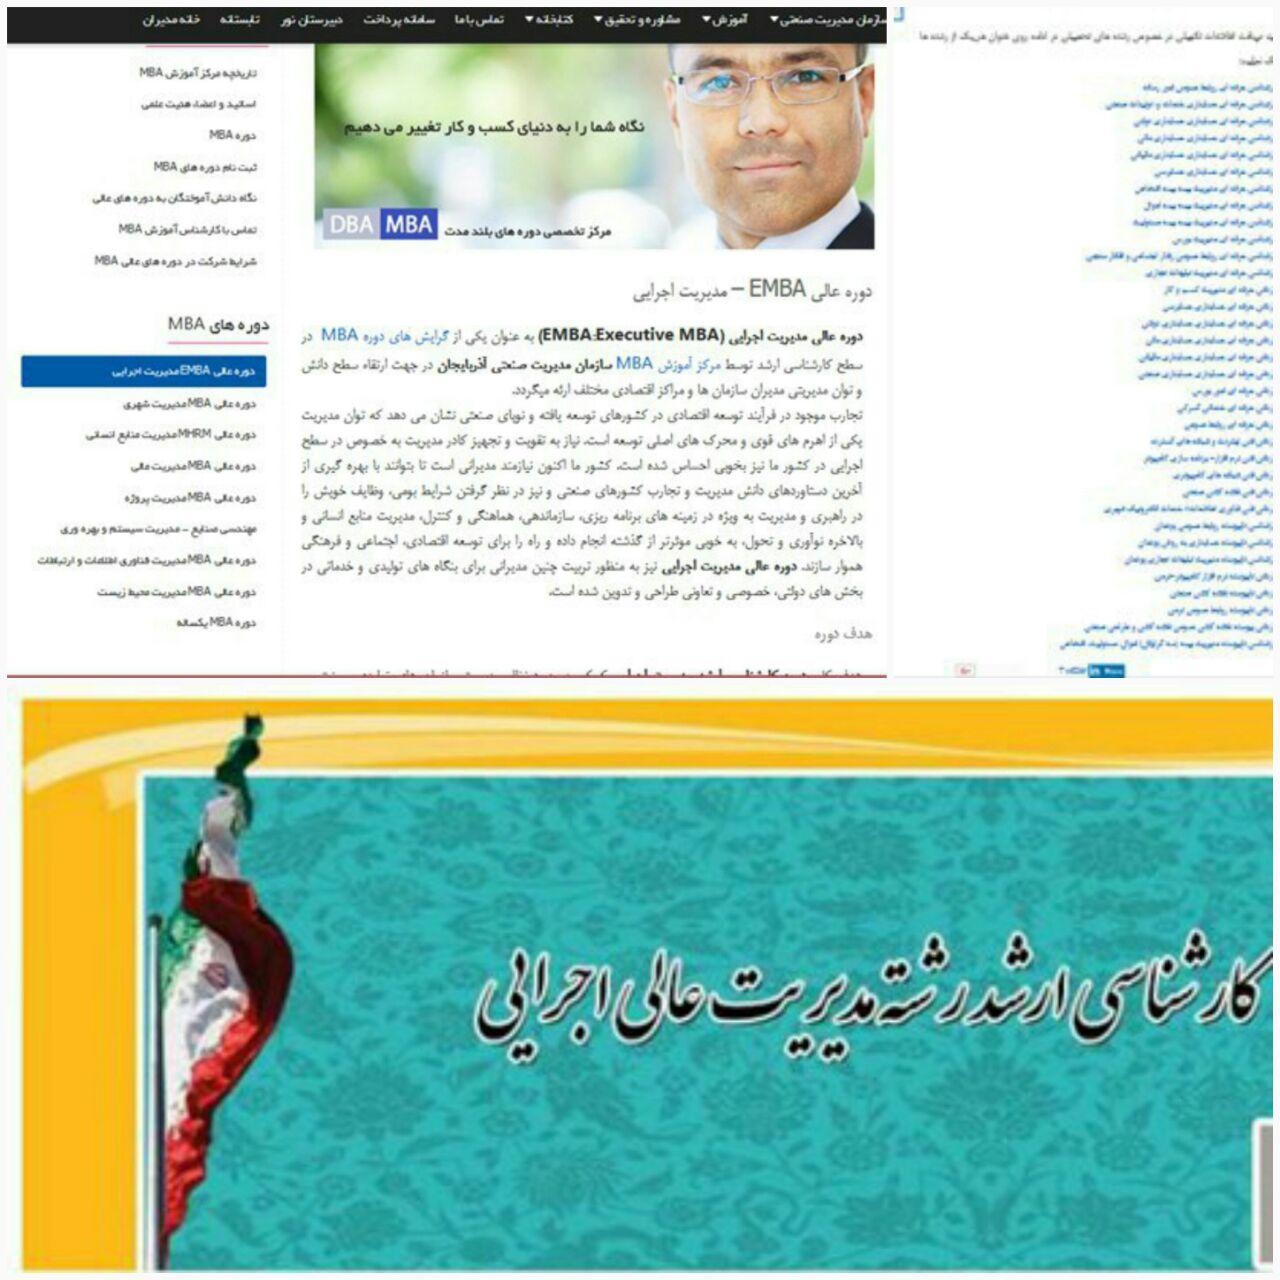 شروع کورس تخلفات شورای پنجم شهر تبریز